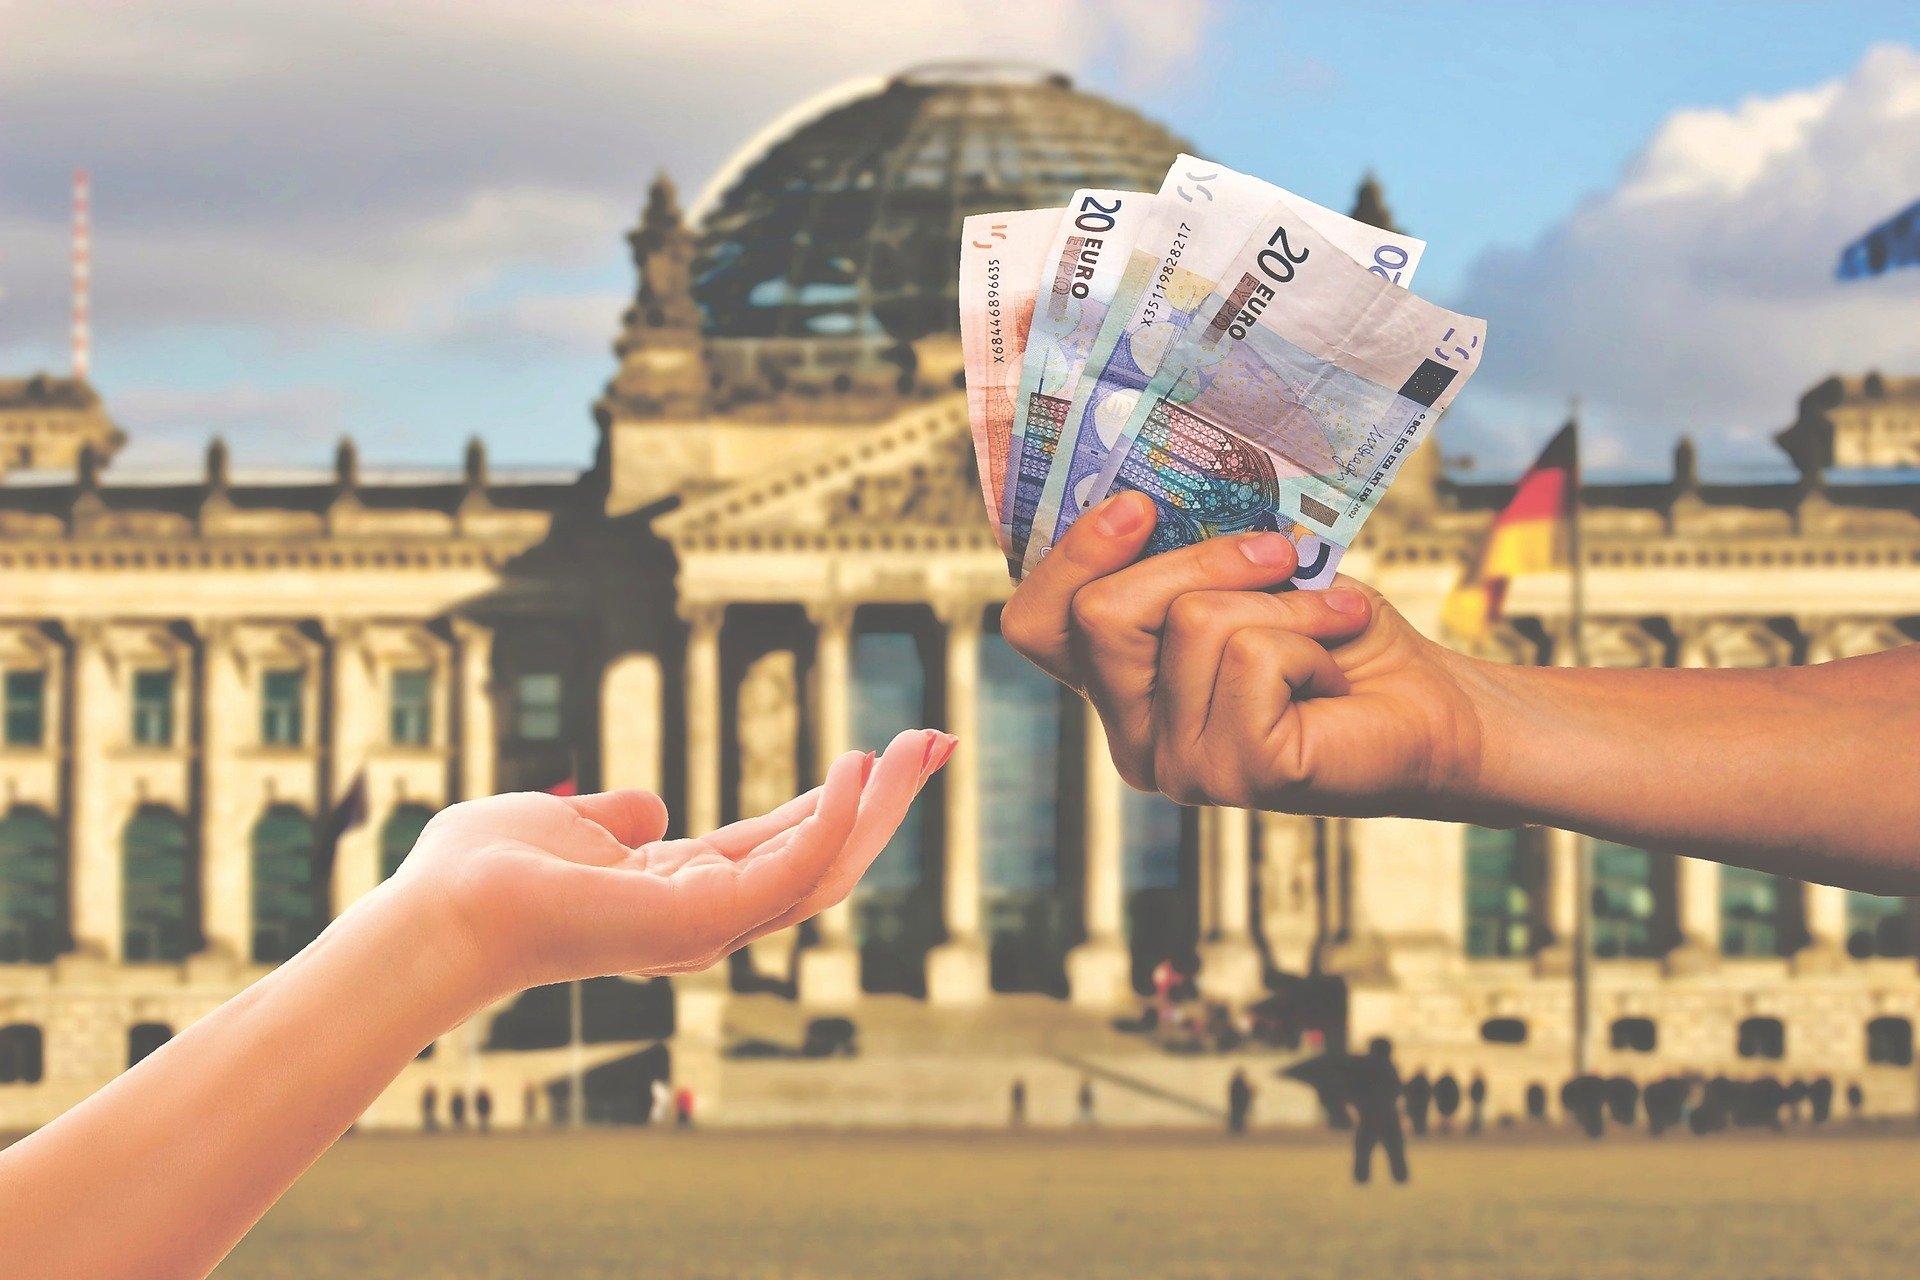 Wirtschaftsminister: Keine deutsche Steuererhöhung während Corona-Krise